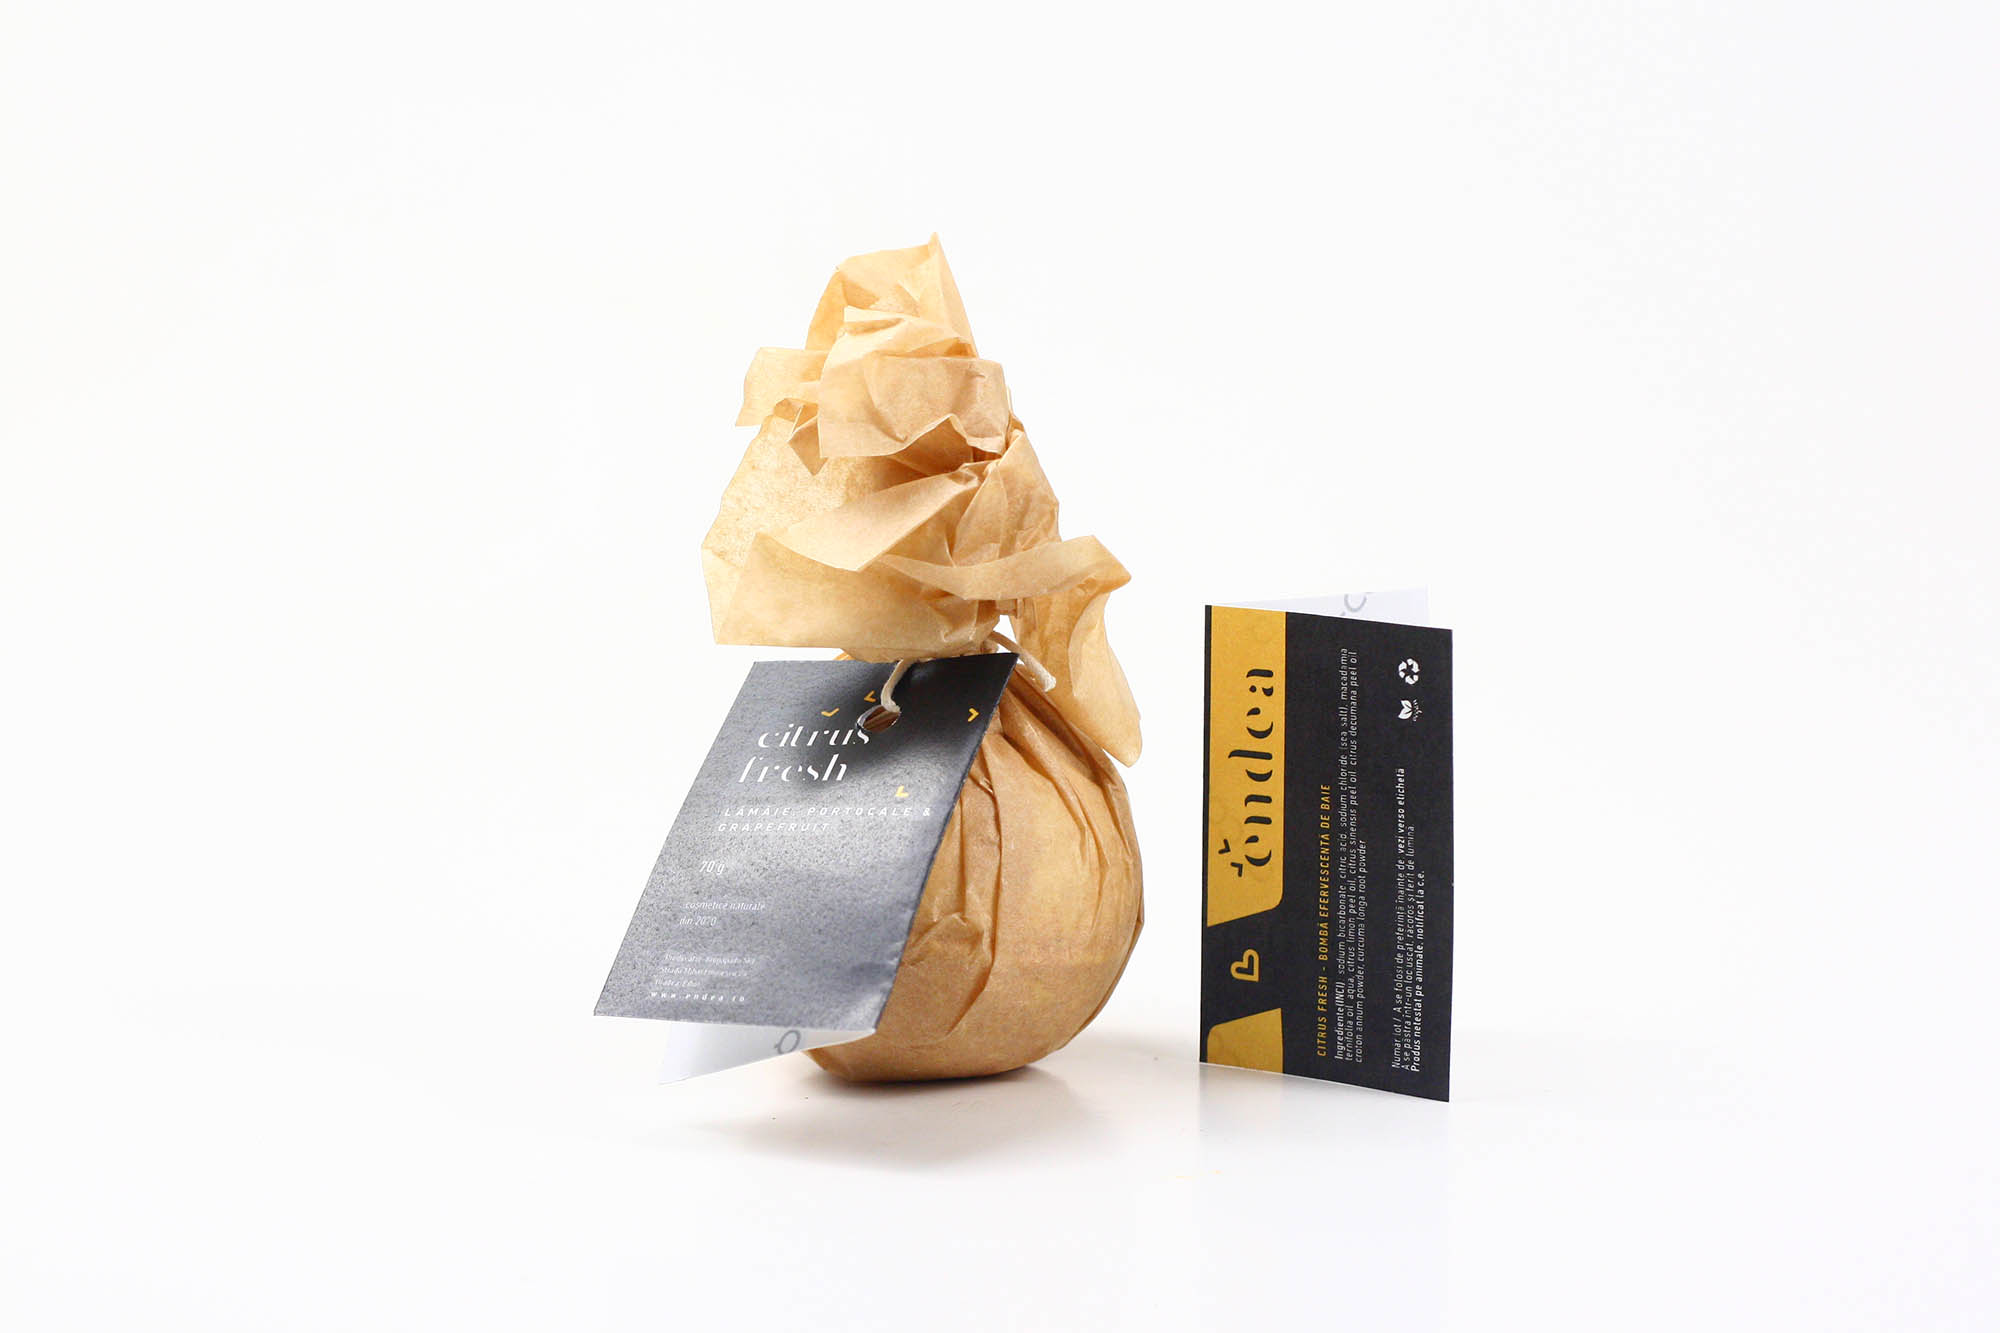 Citrusfresh - Bombe efervescente cu aromă de citrice | Endea - Tested on friends